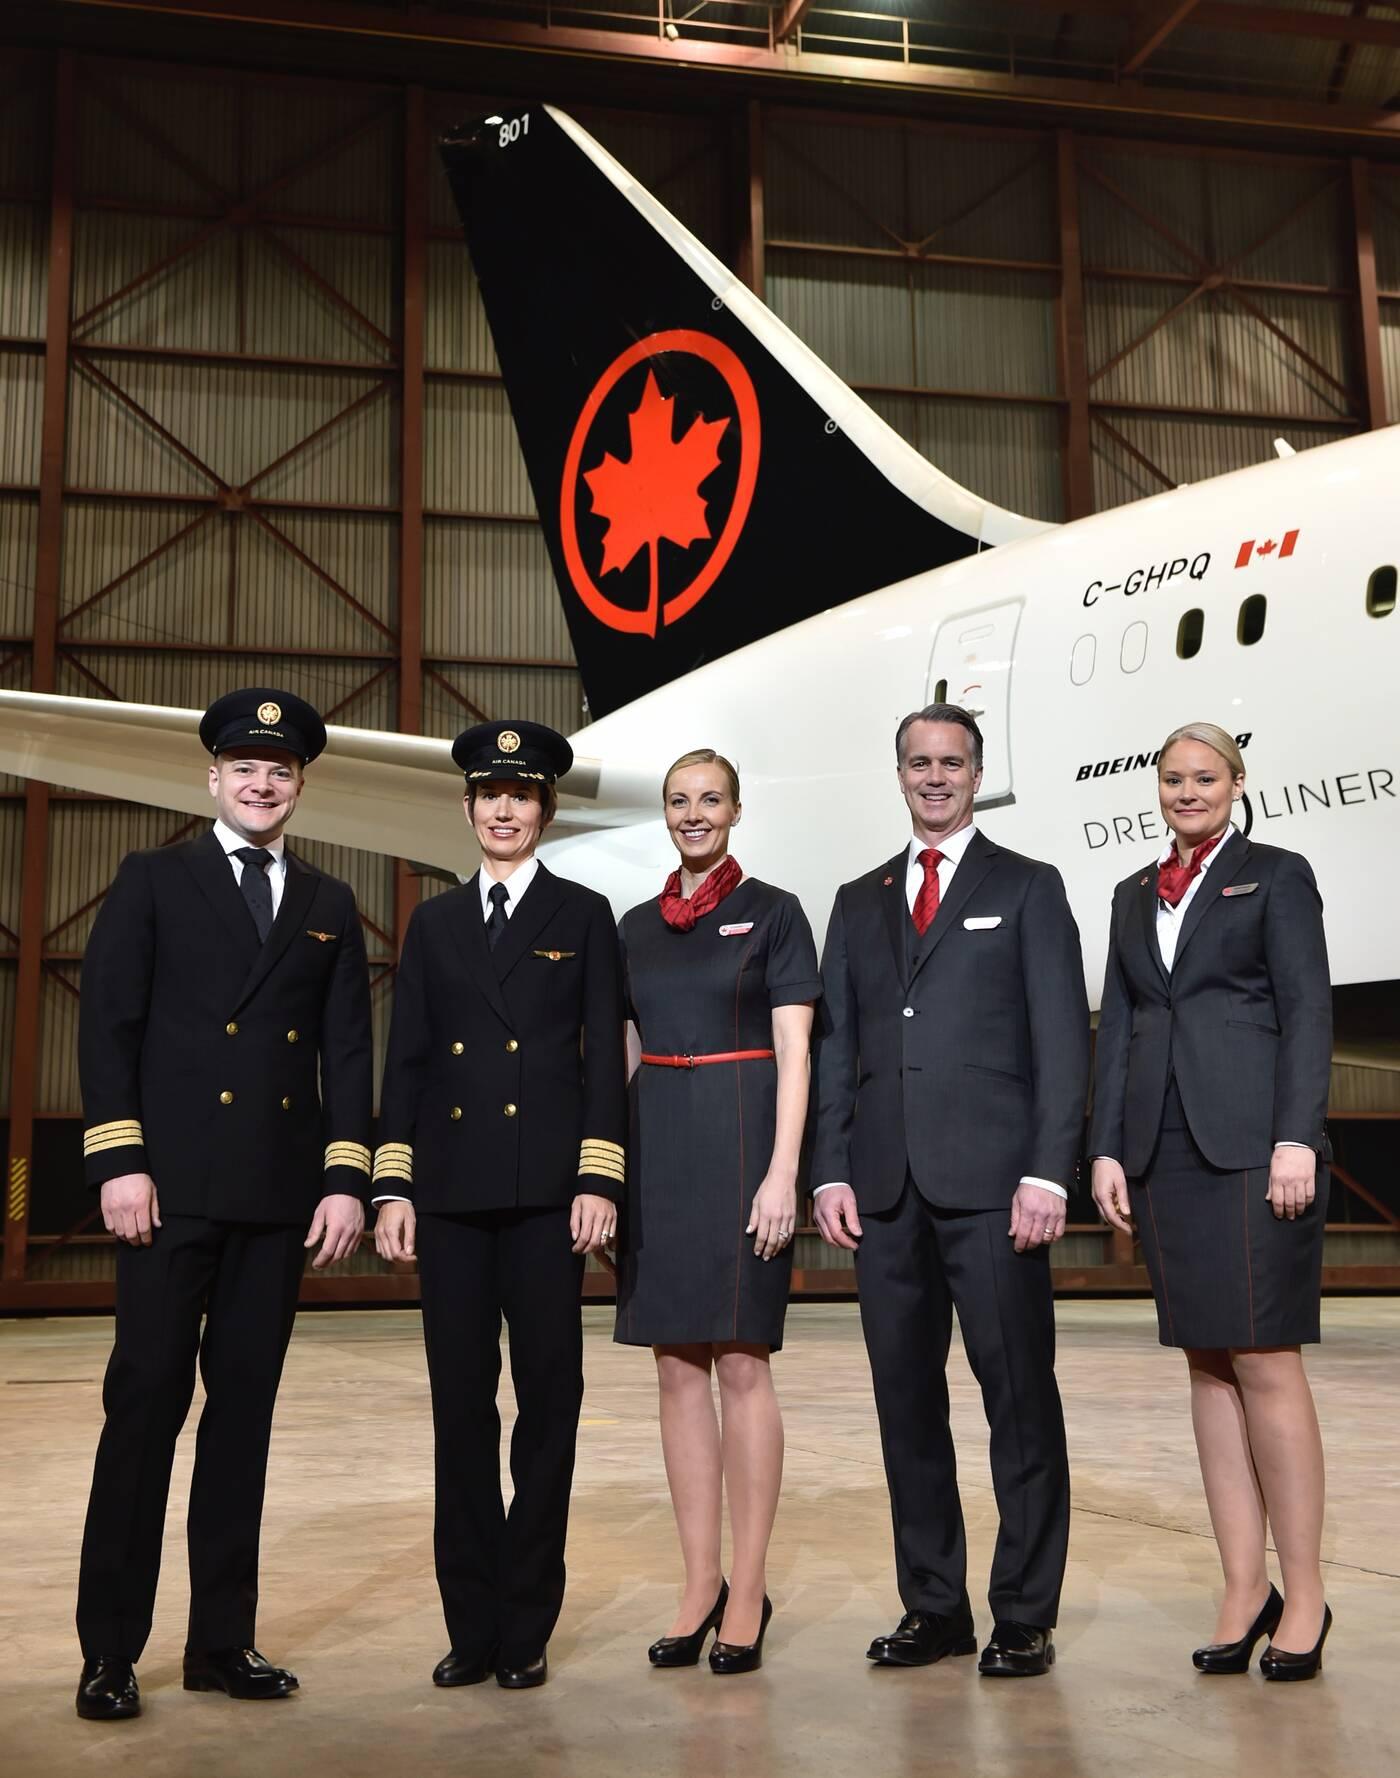 air canada uniforms